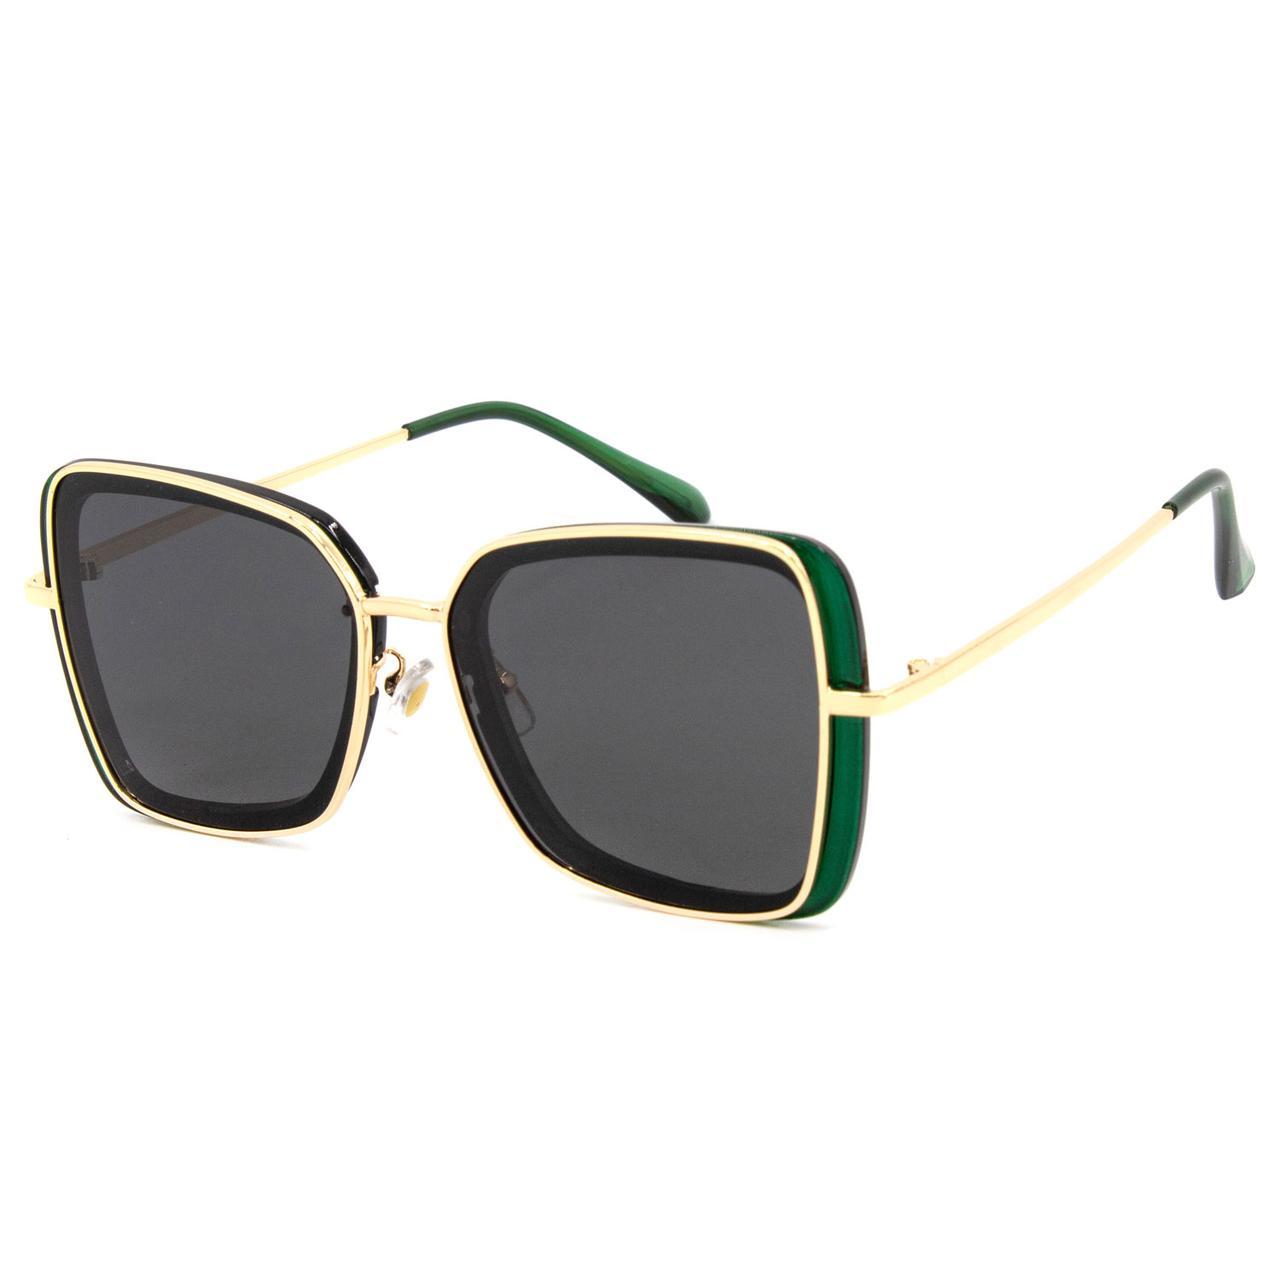 Солнцезащитные очки Marmilen Polar 3235 C6 темно-зеленый    ( 3235-06 )